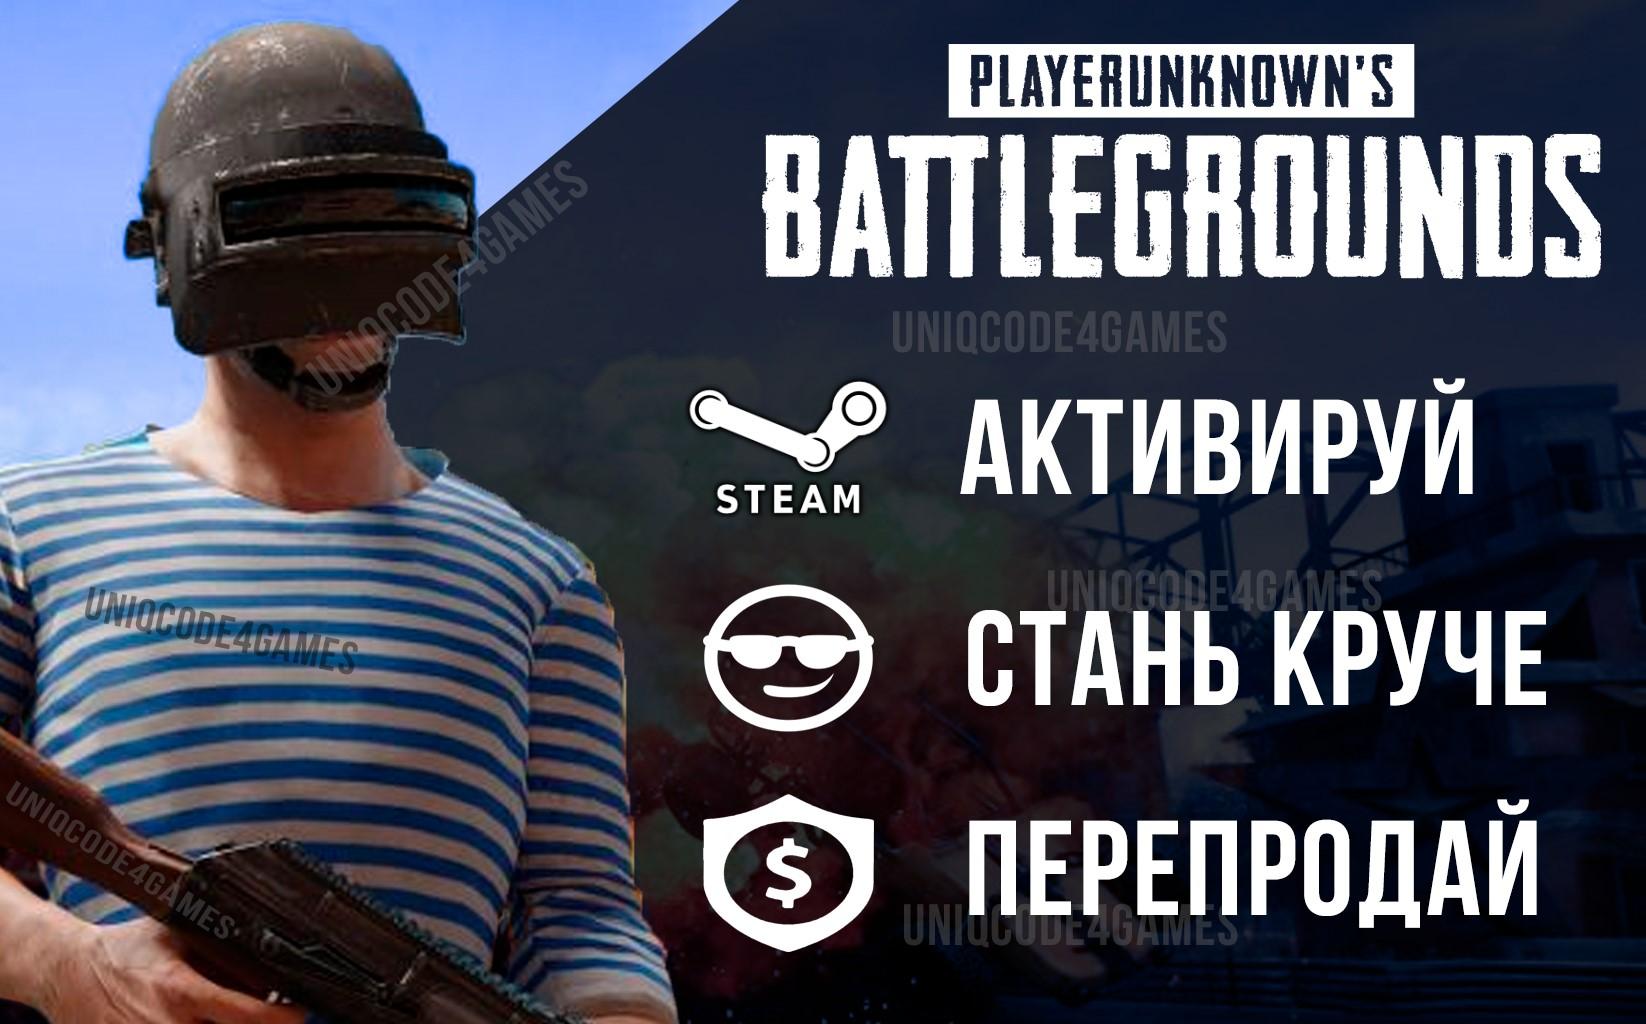 Продаётся синяя тельняшка pubg mail.ru(steam код)